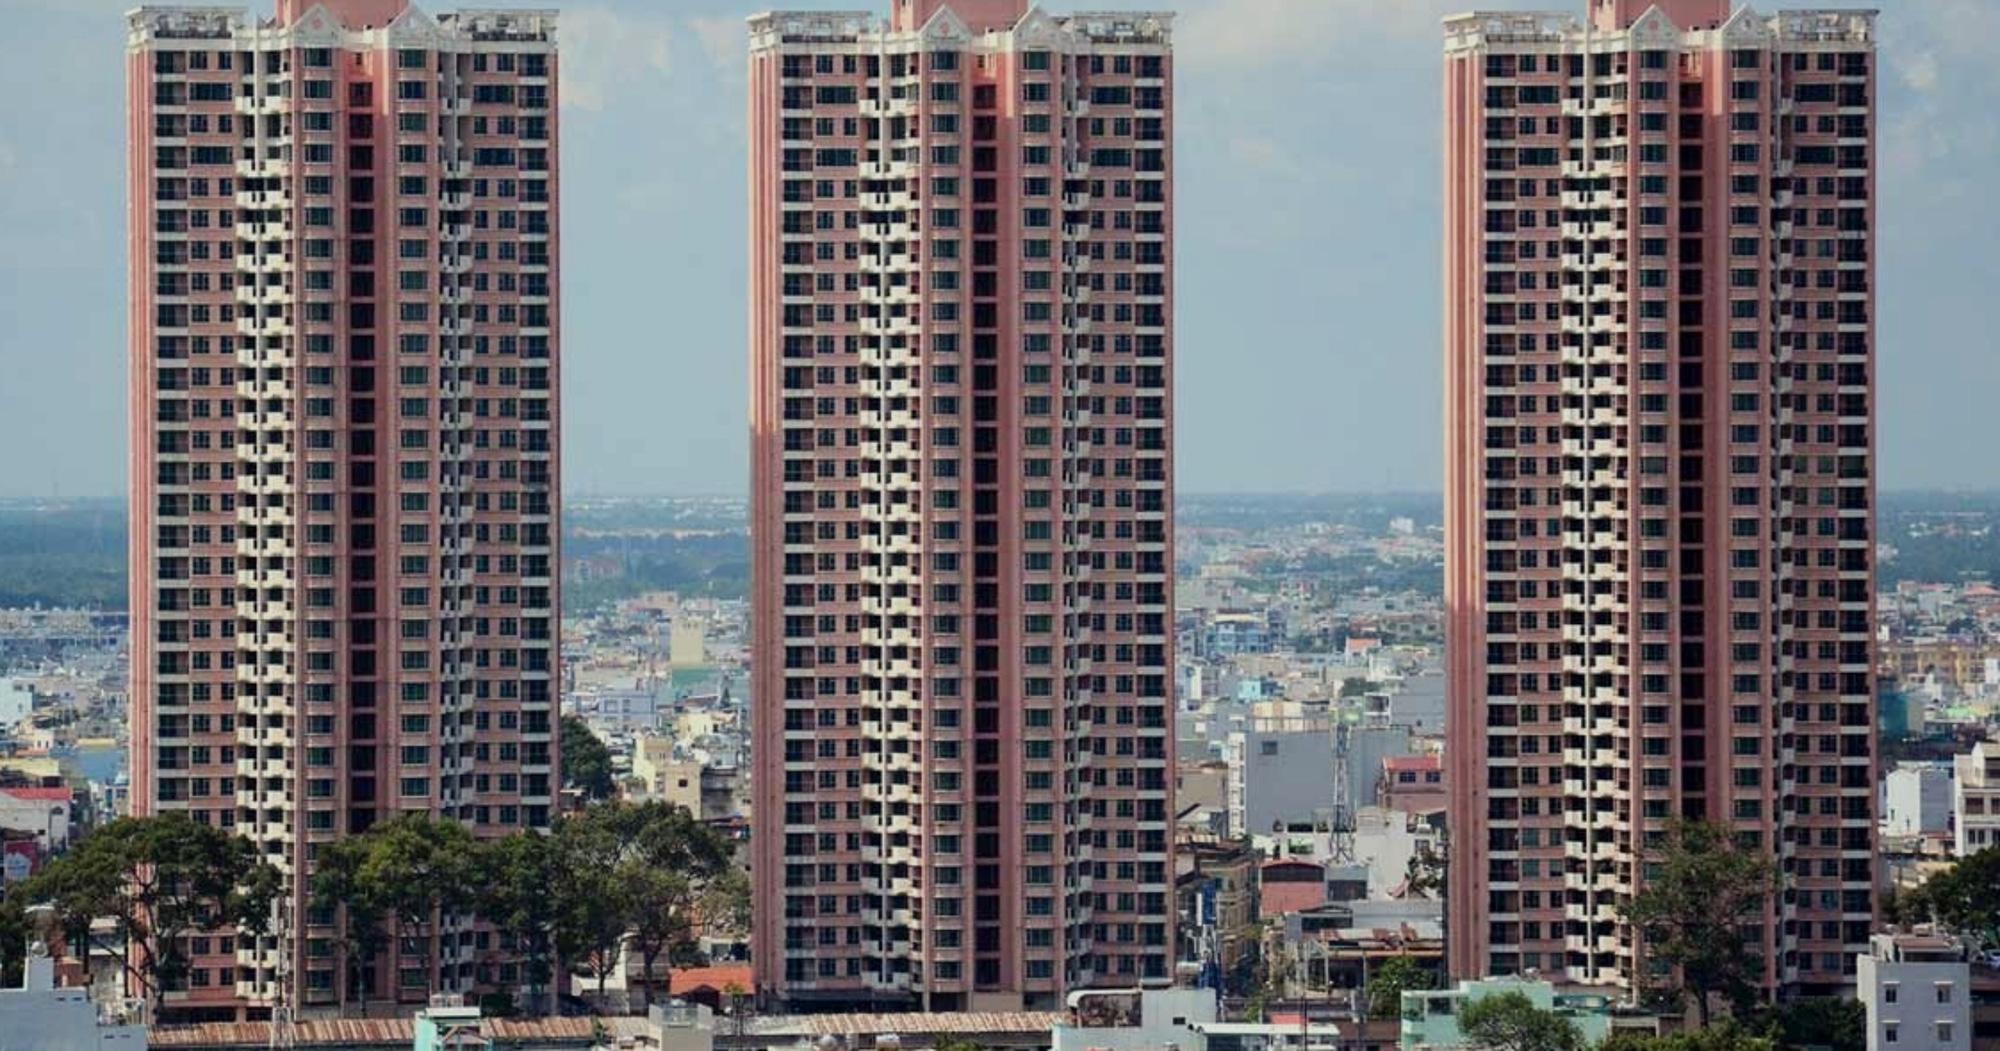 """Thuận Kiều Plaza: Từ biểu tượng hoa lệ Sài Gòn một thời, trải qua 3 thập kỷ đầy """"tai tiếng"""" với đủ thứ chuyện u mê và hy vọng hồi sinh giữa đại dịch - Ảnh 3."""